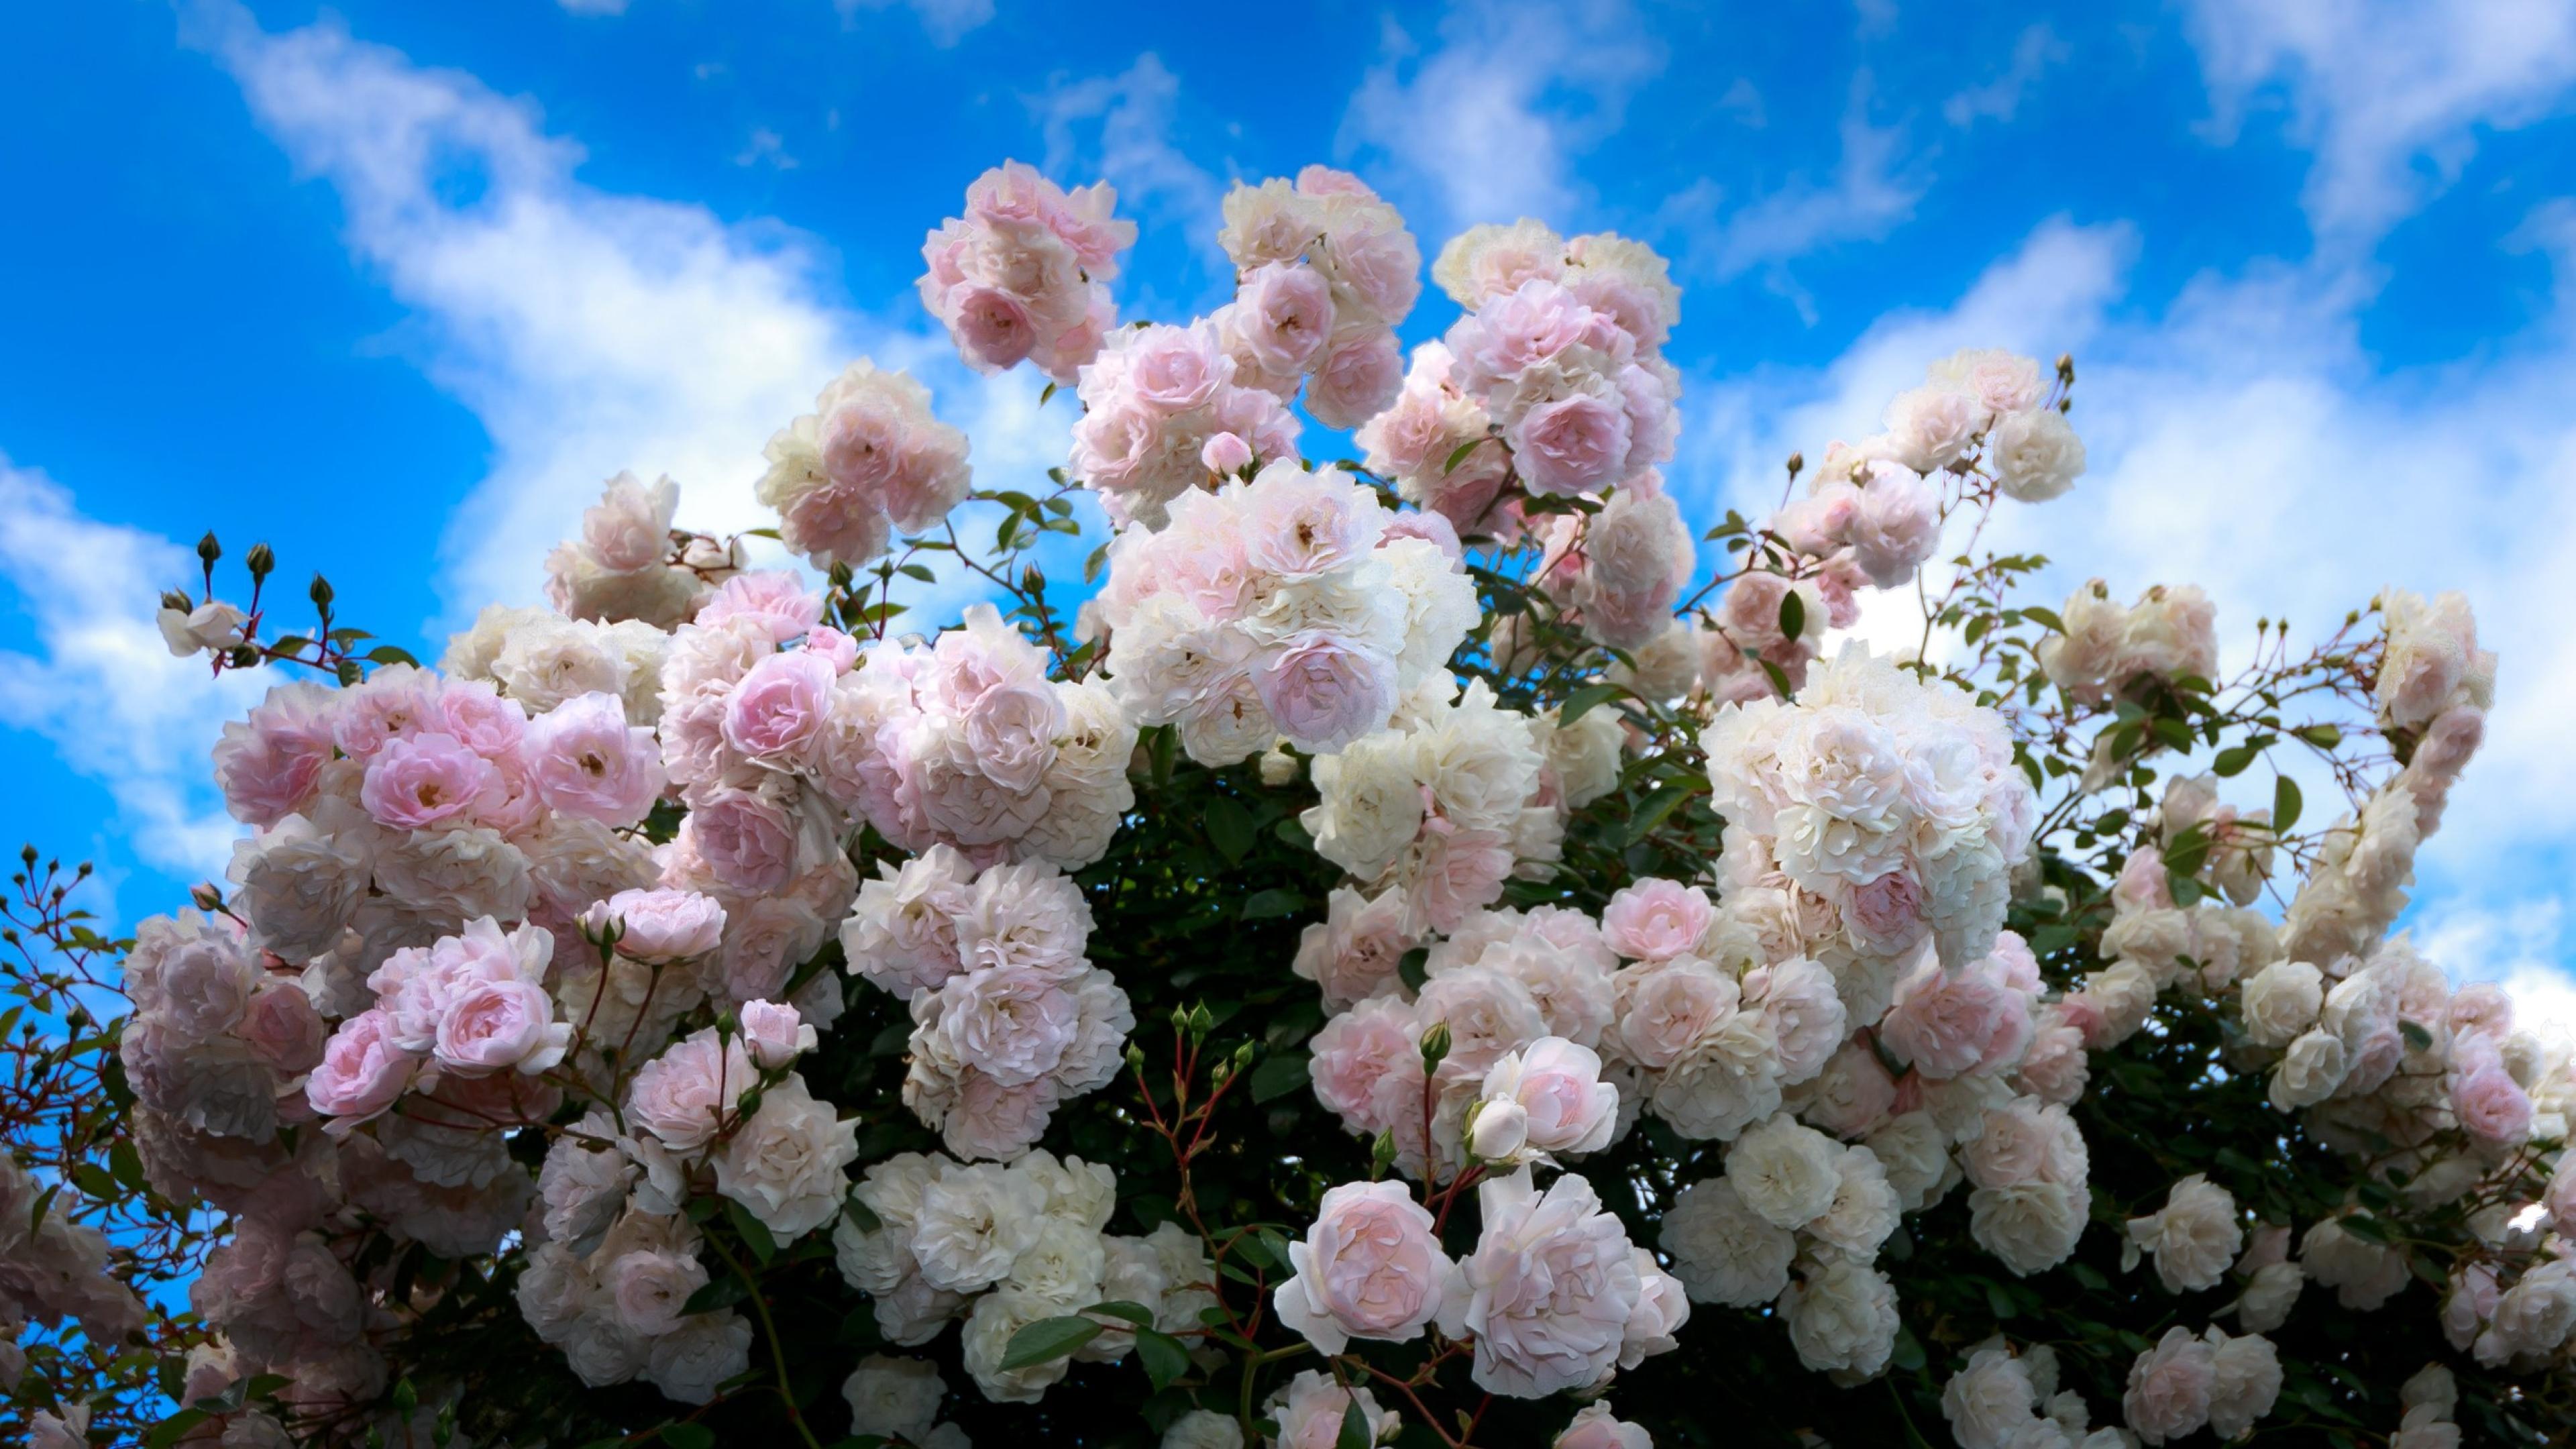 Цветы на фоне неба фото